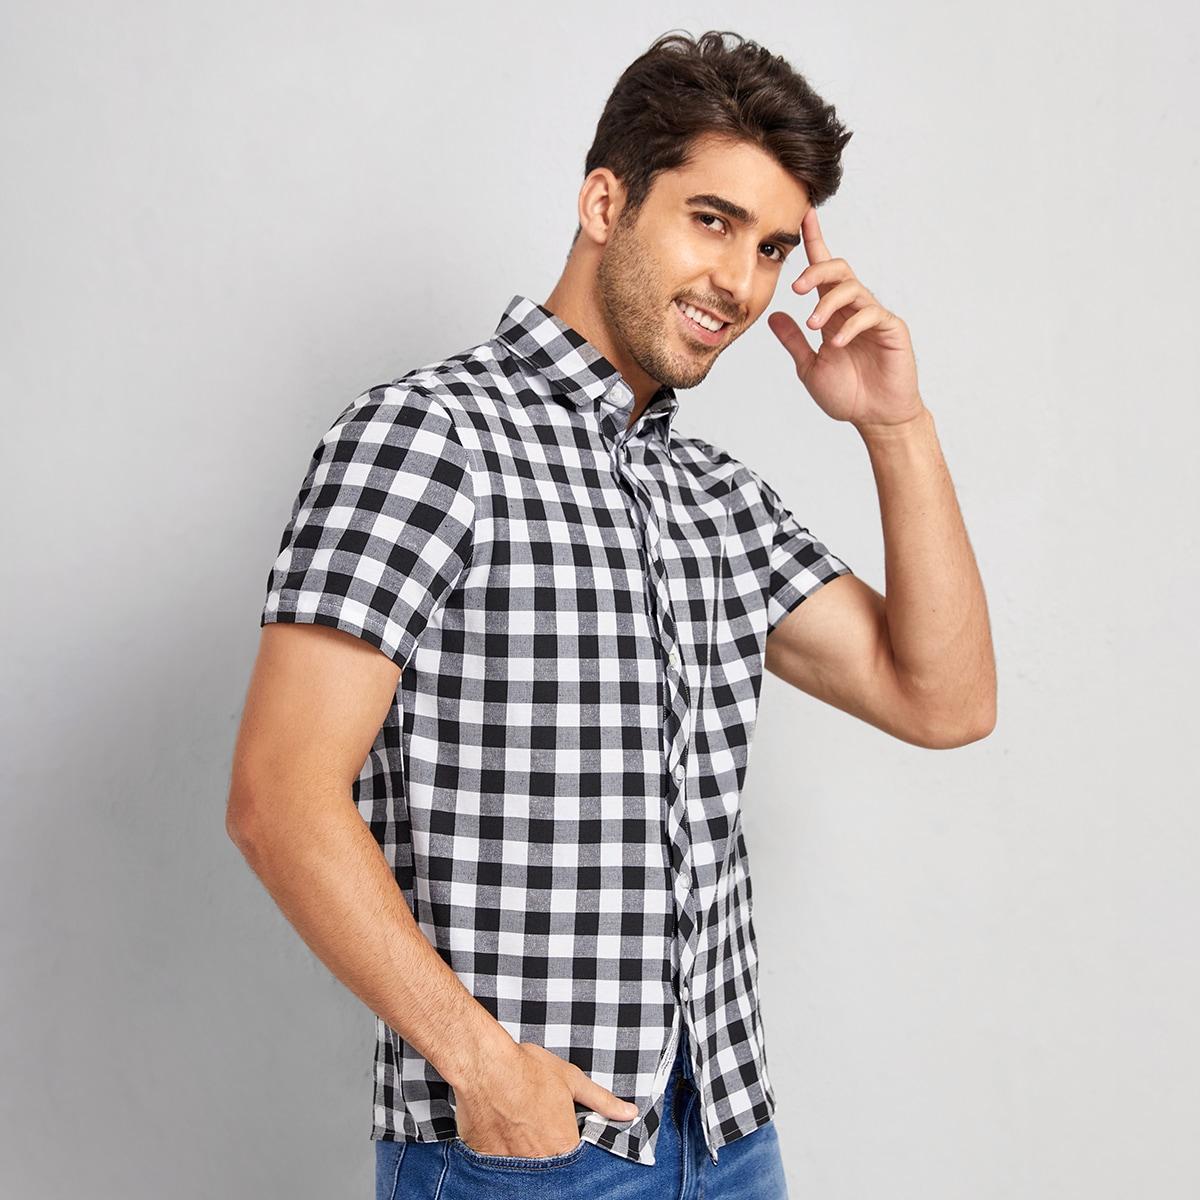 Мужская рубашка в клетку SheIn sm2106236949438331